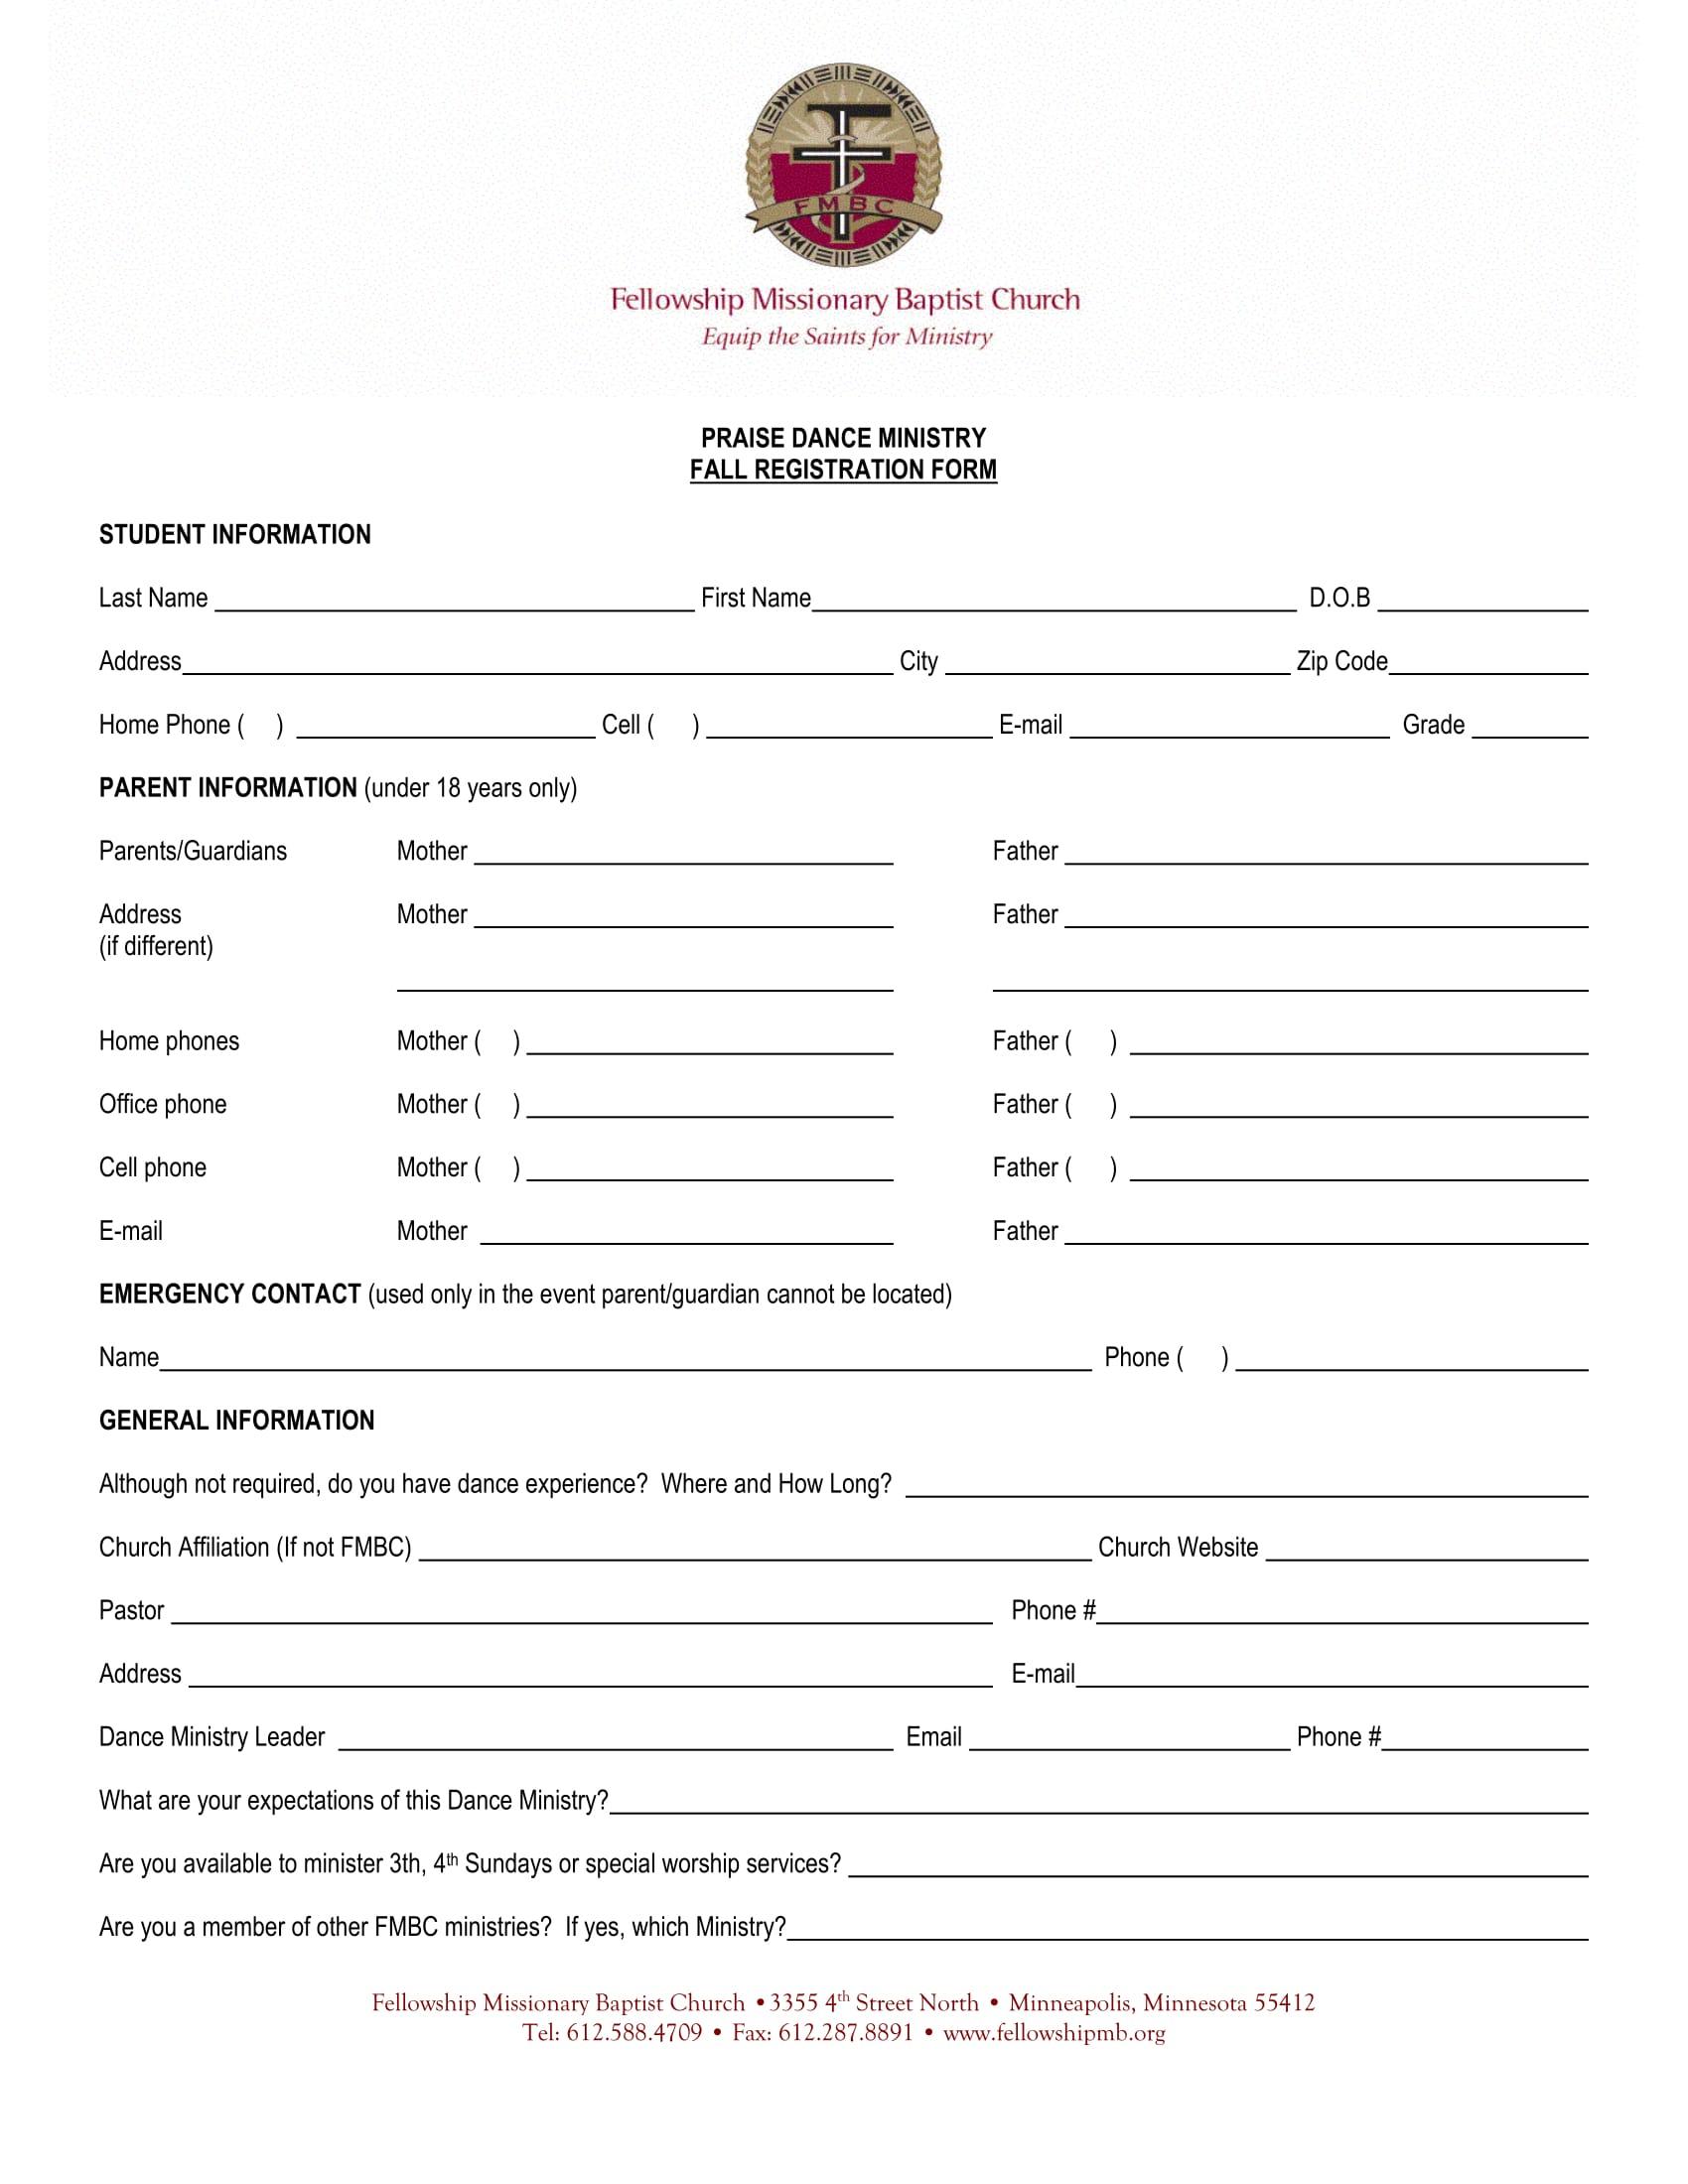 dance ministry registration form 1